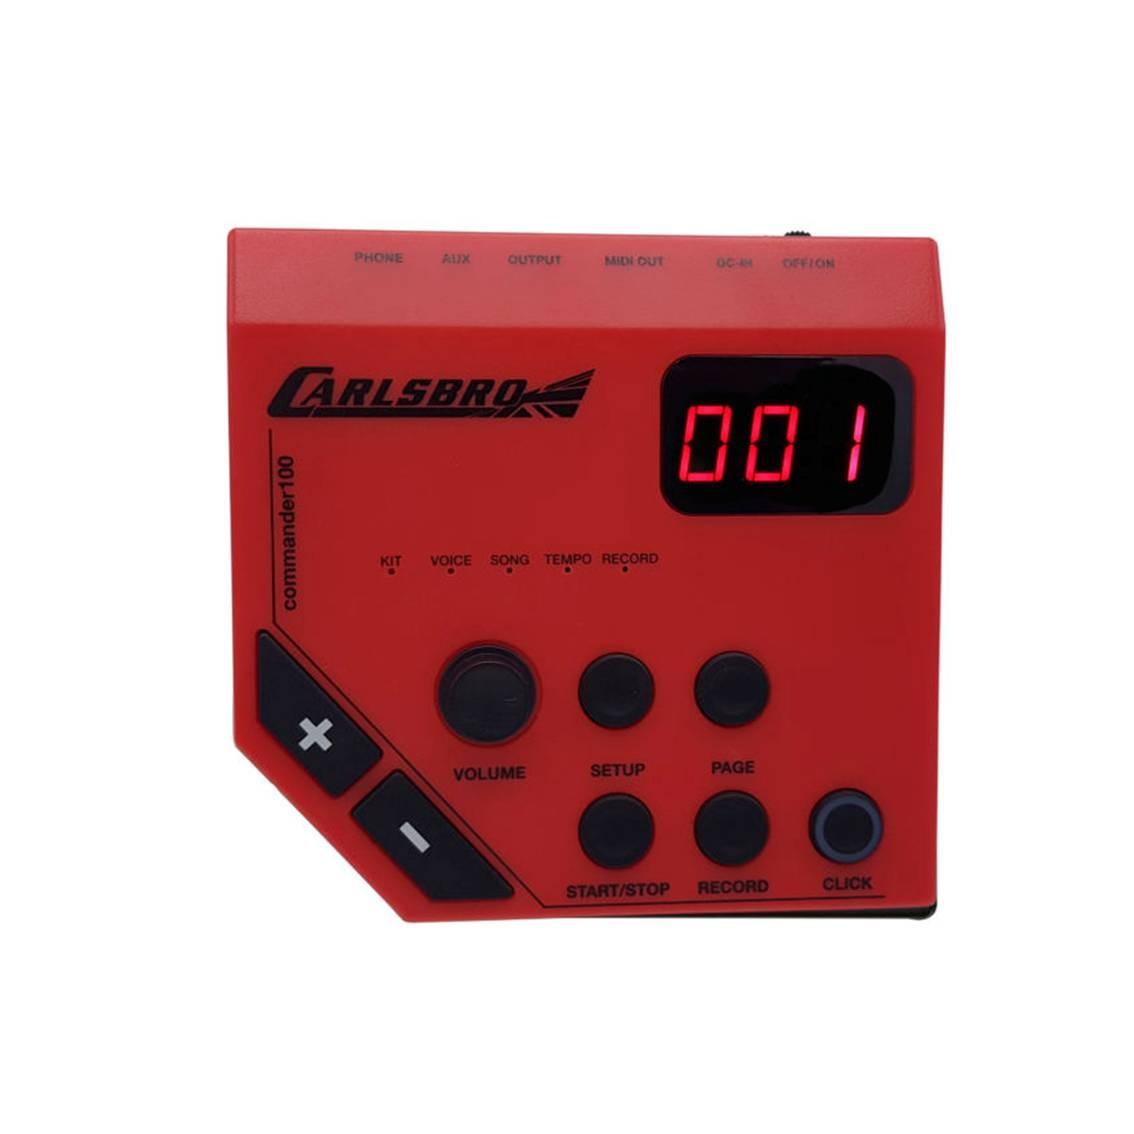 Foto2 - Kit Bateria Eletrônica Odery Carlsbro CSD100 + Fone + Banco e baquetas